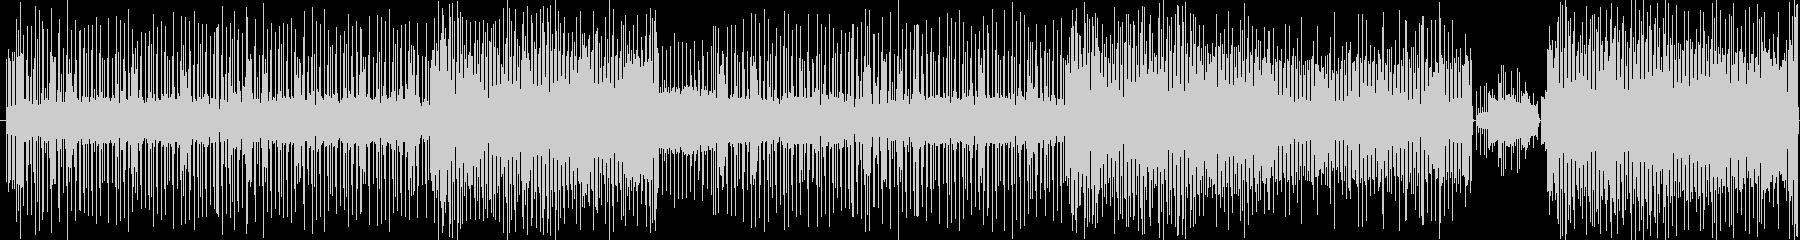 チップチューン風インストの未再生の波形